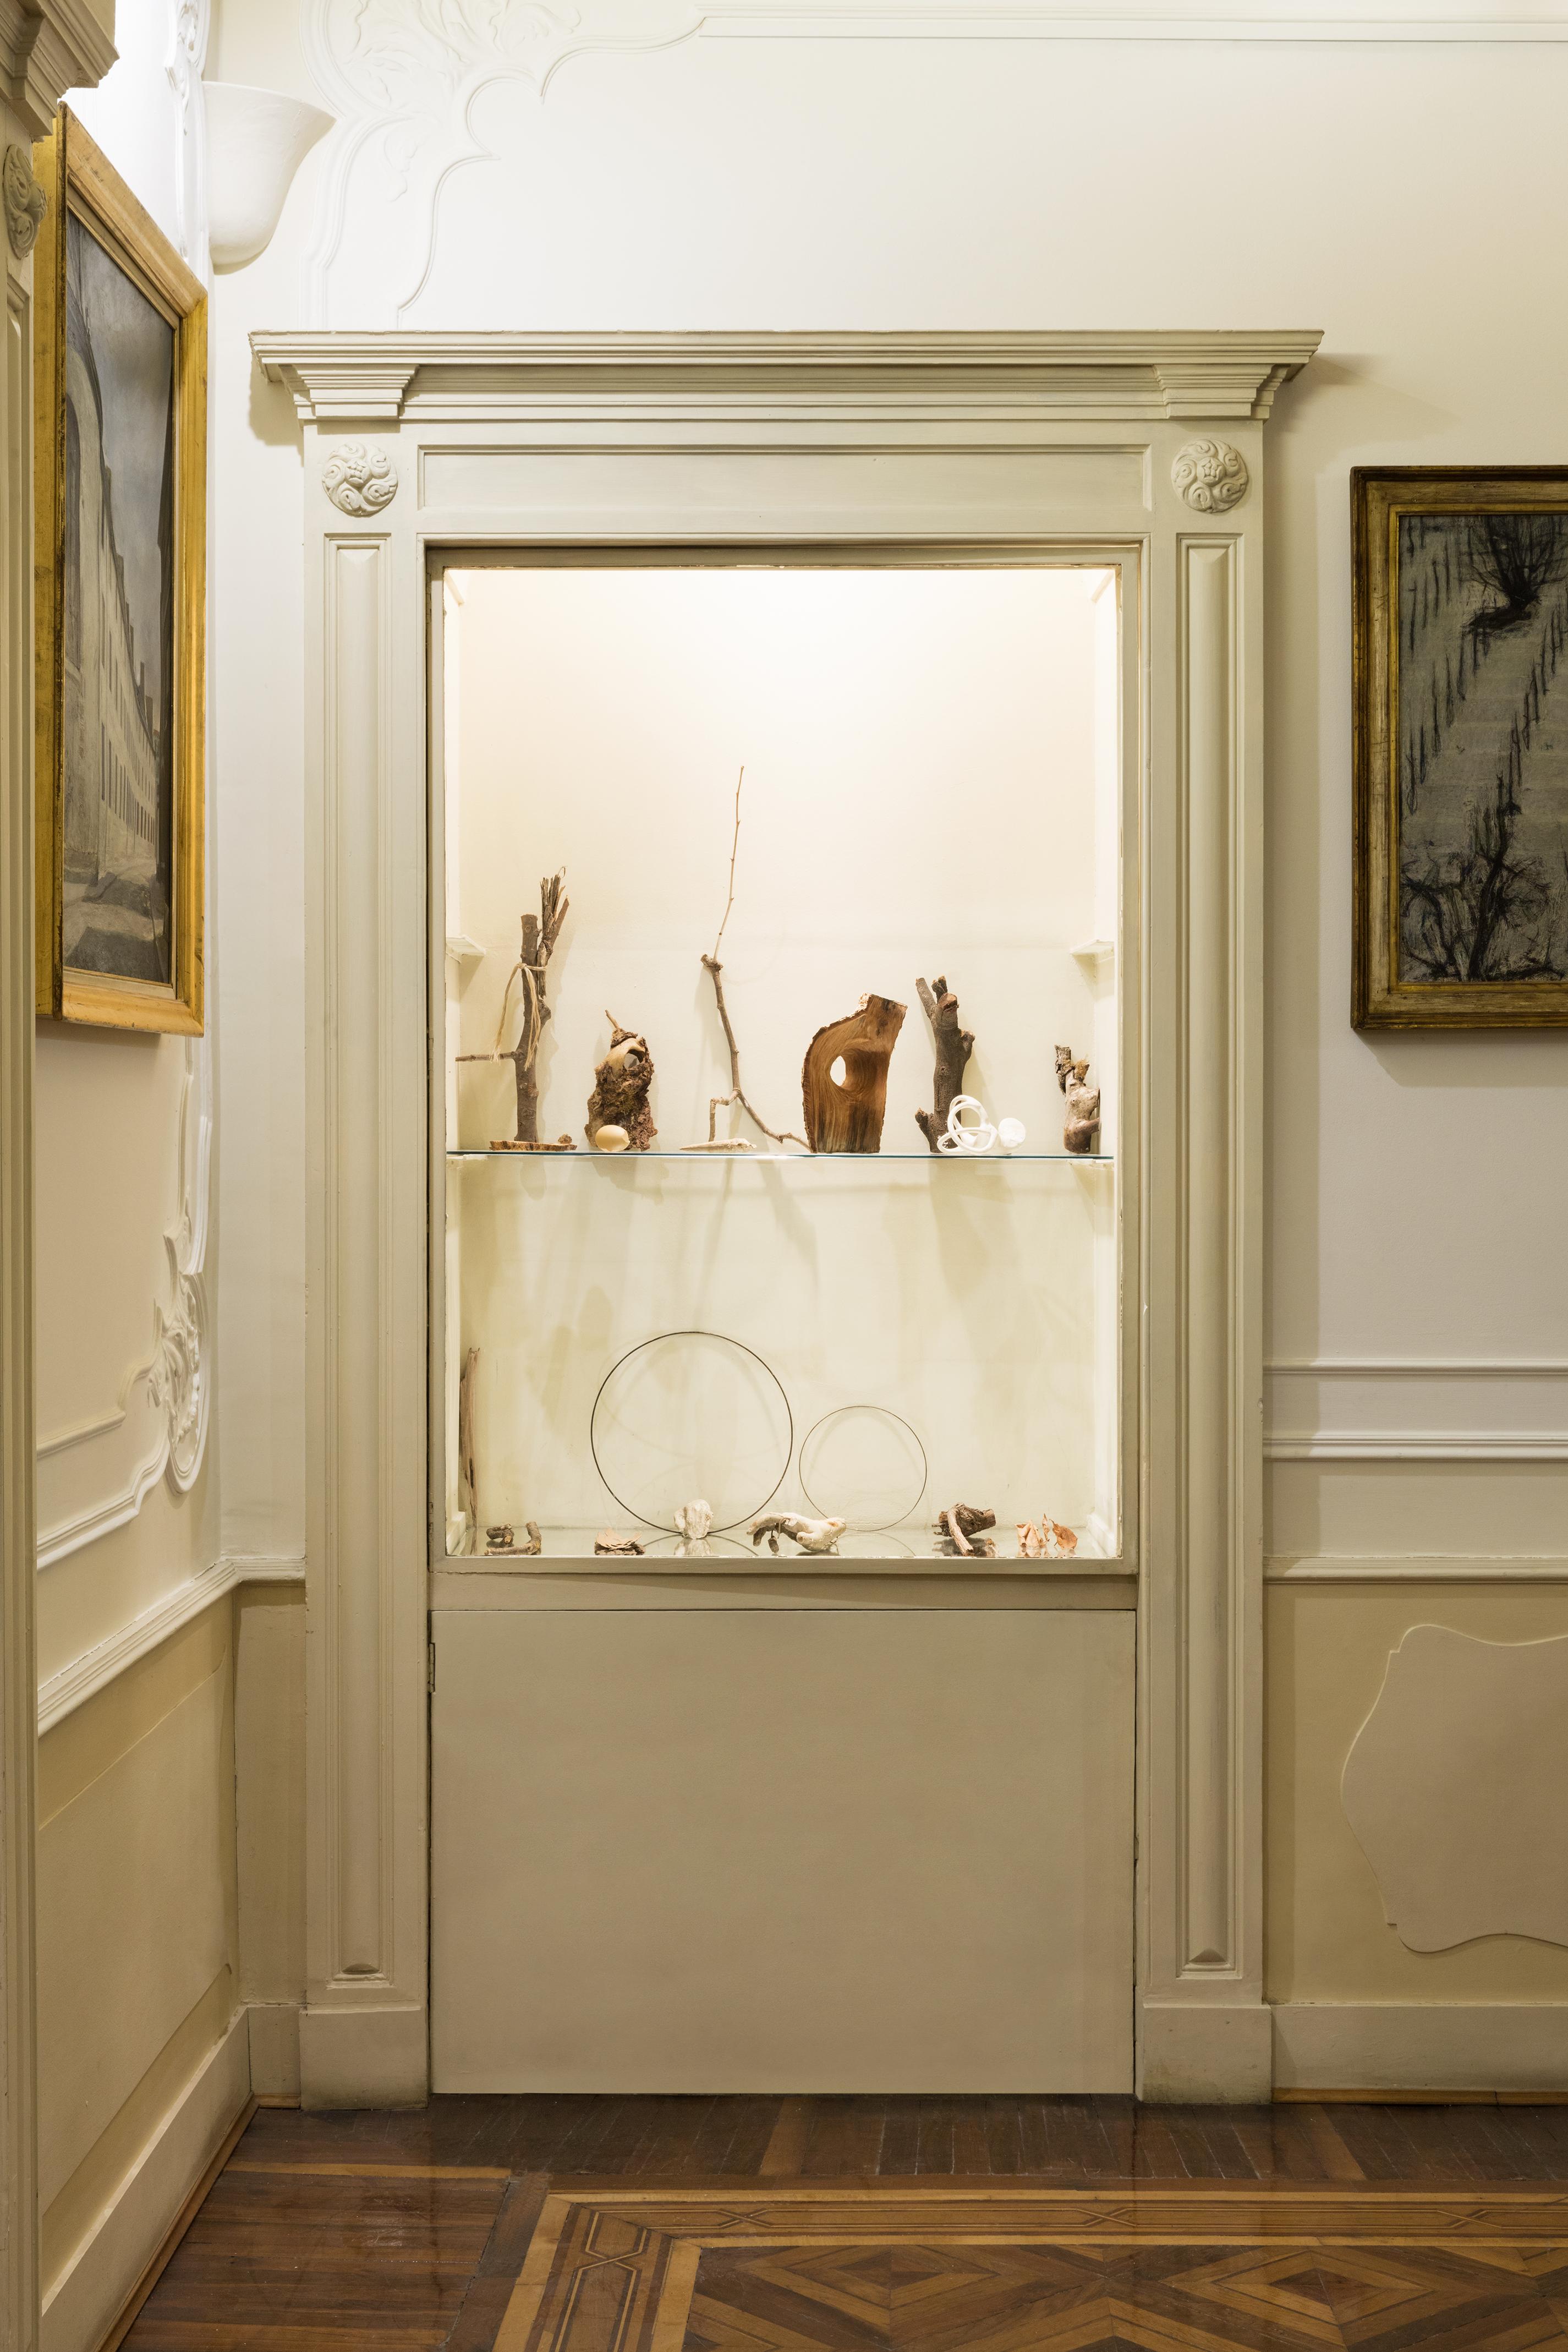 Nelle vetrine: racc olta di reperti naturali dallo studio, scultura in gesso , Fondazione Adolfo Pini 2019, credit by Andrea Rossetti